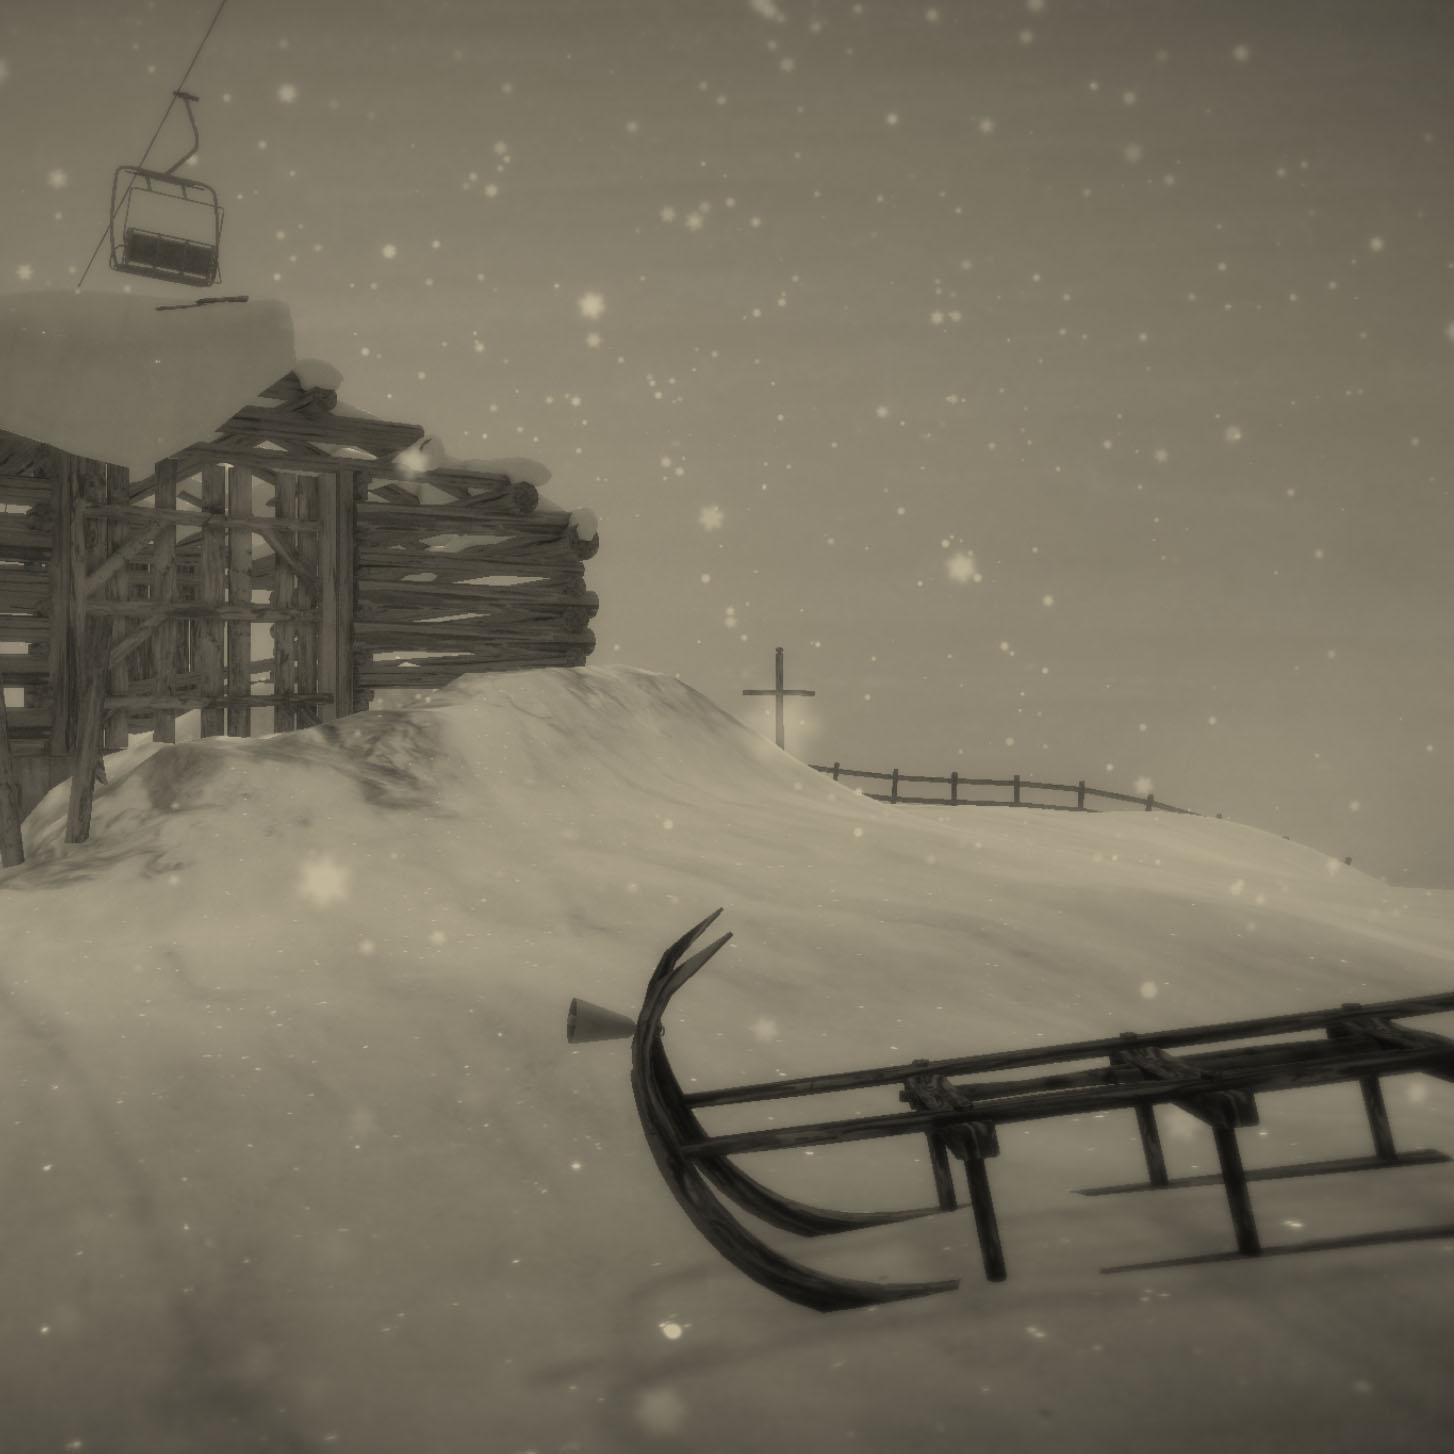 Jeux vidéo, poésie et imaginaires des Alpes suisses